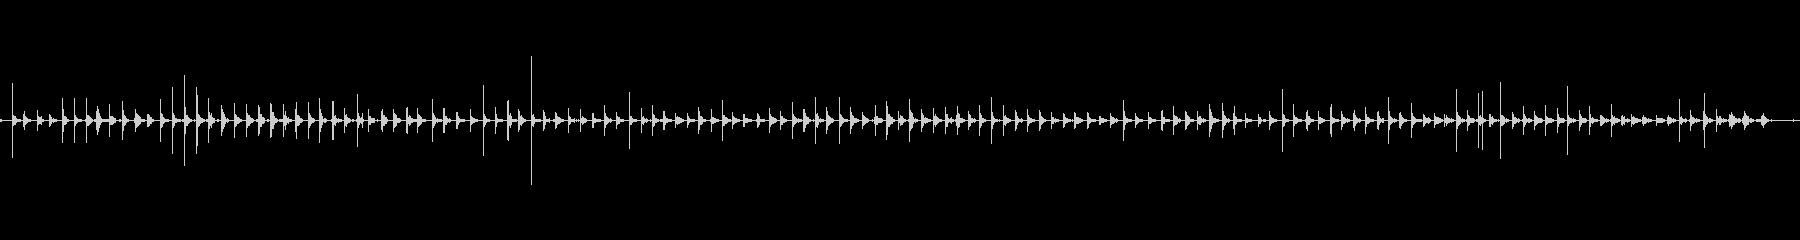 足音 女/走るスニーカー+コンクリートの未再生の波形